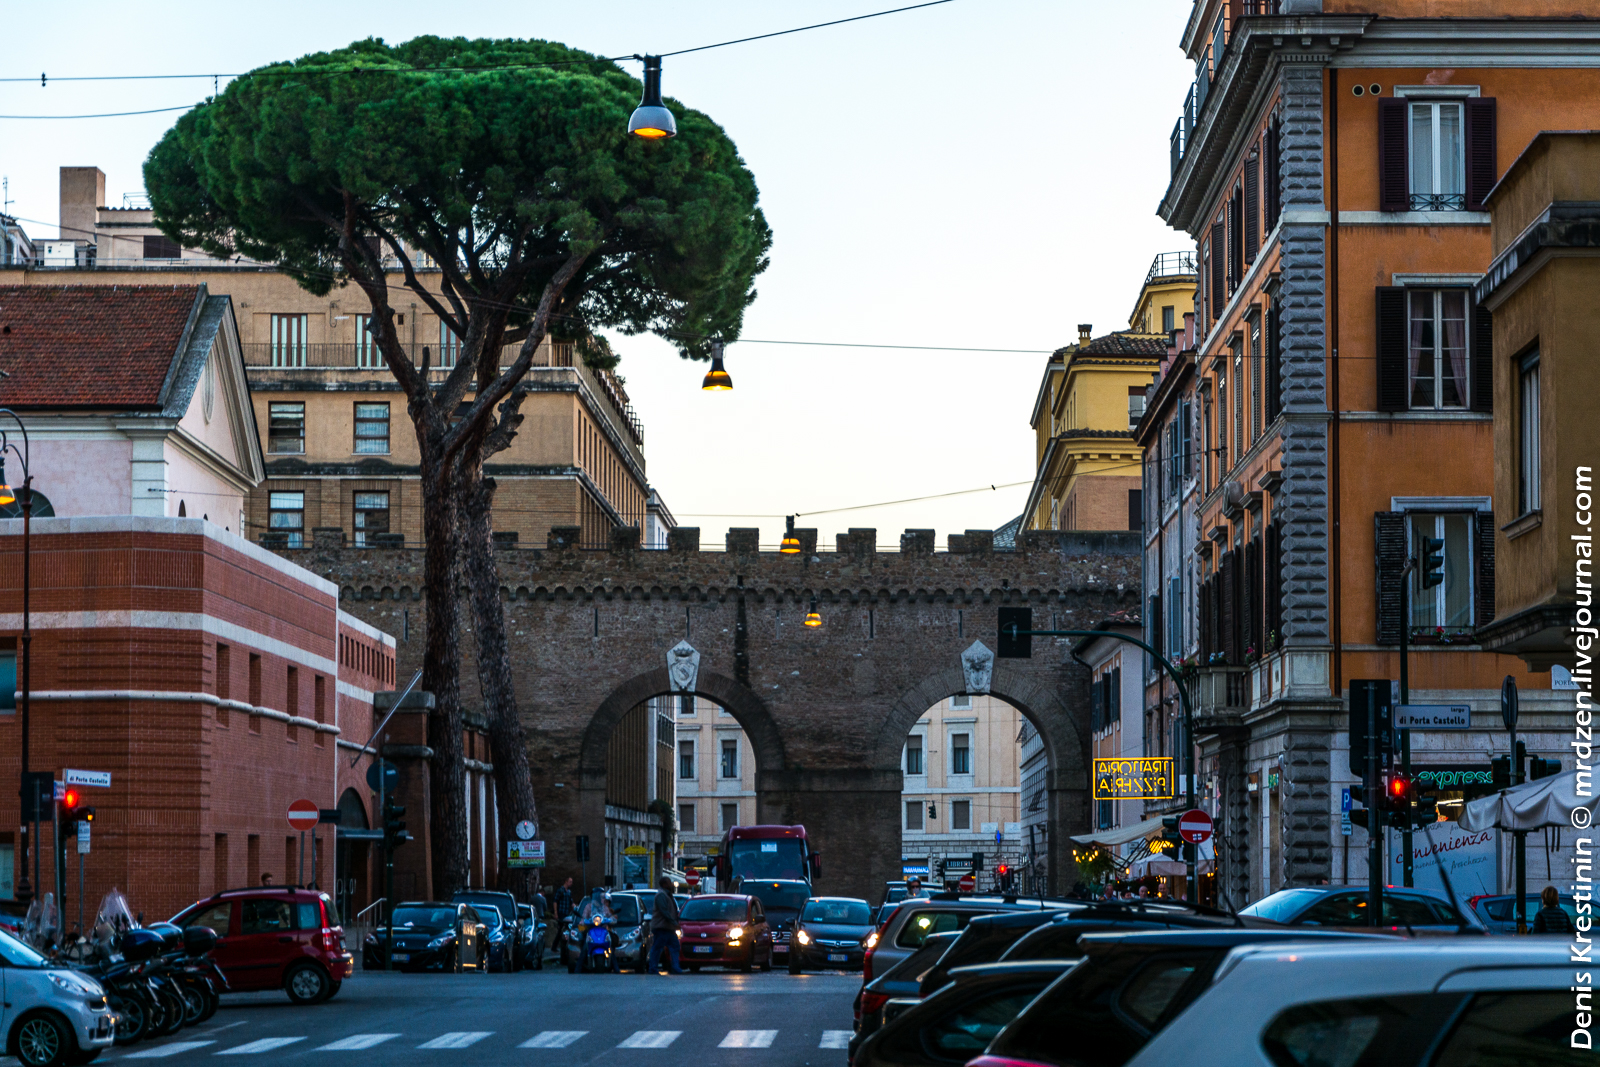 Рим. Где-то в окрестностях Ватикана